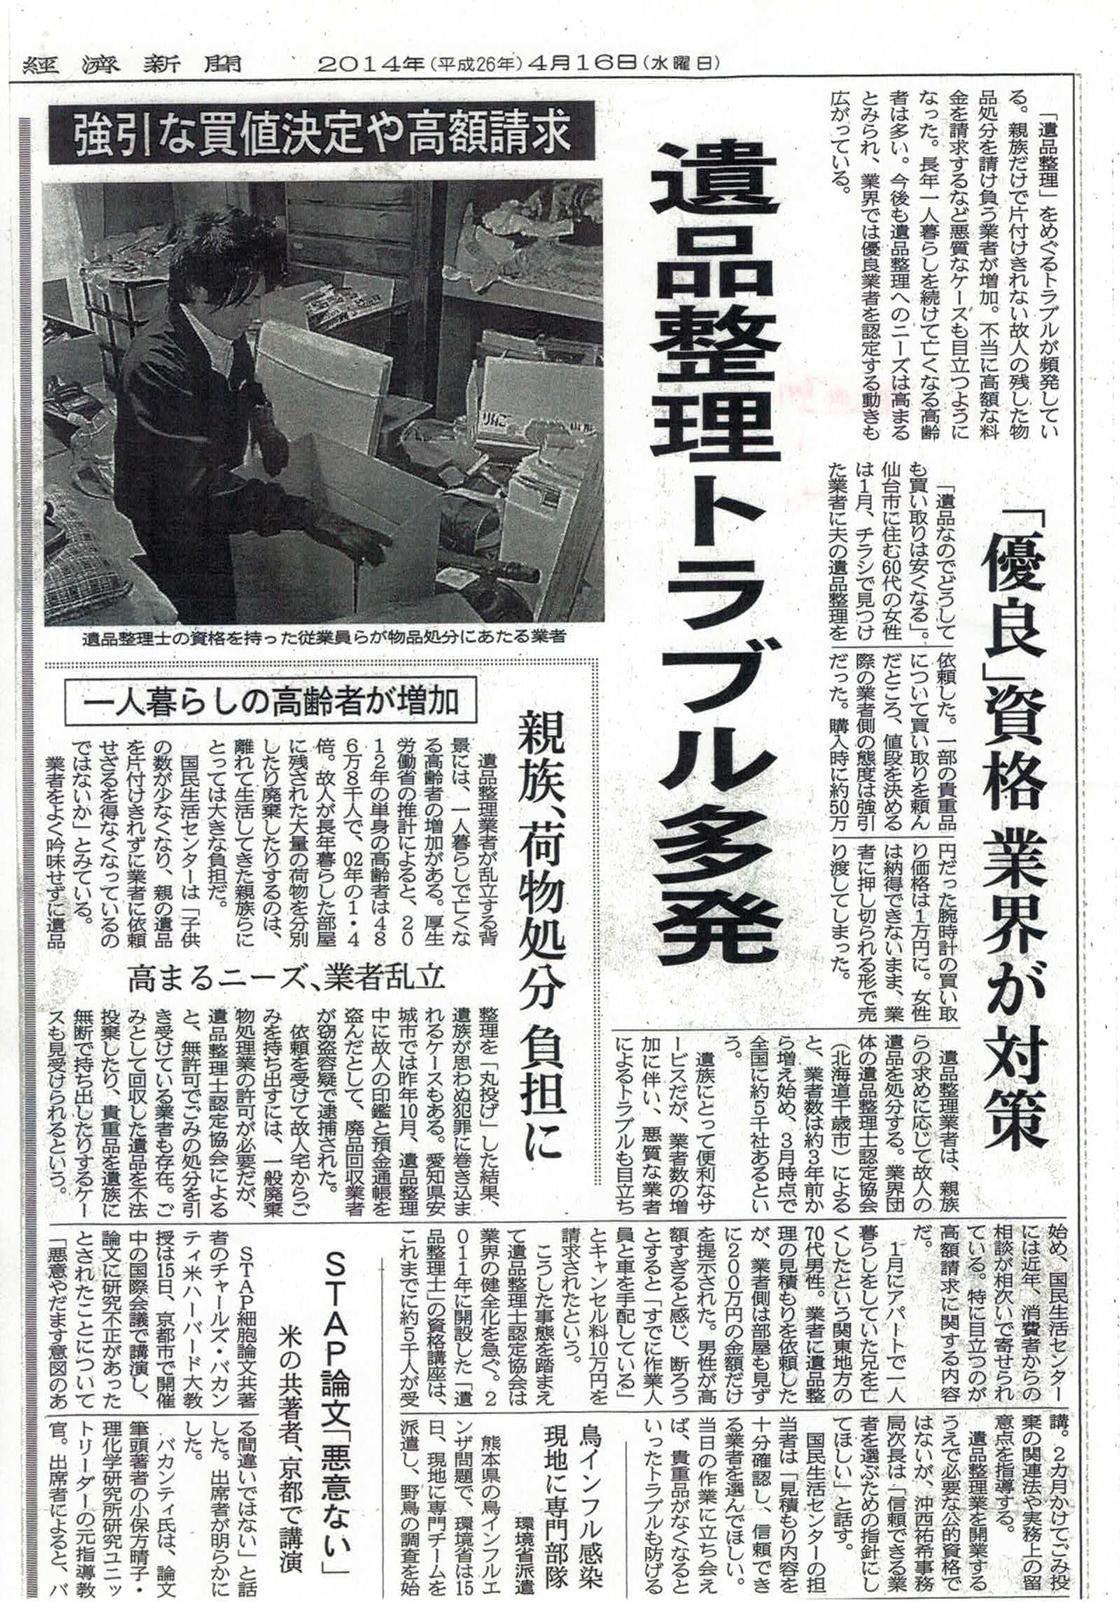 経済新聞(2014.04.16)